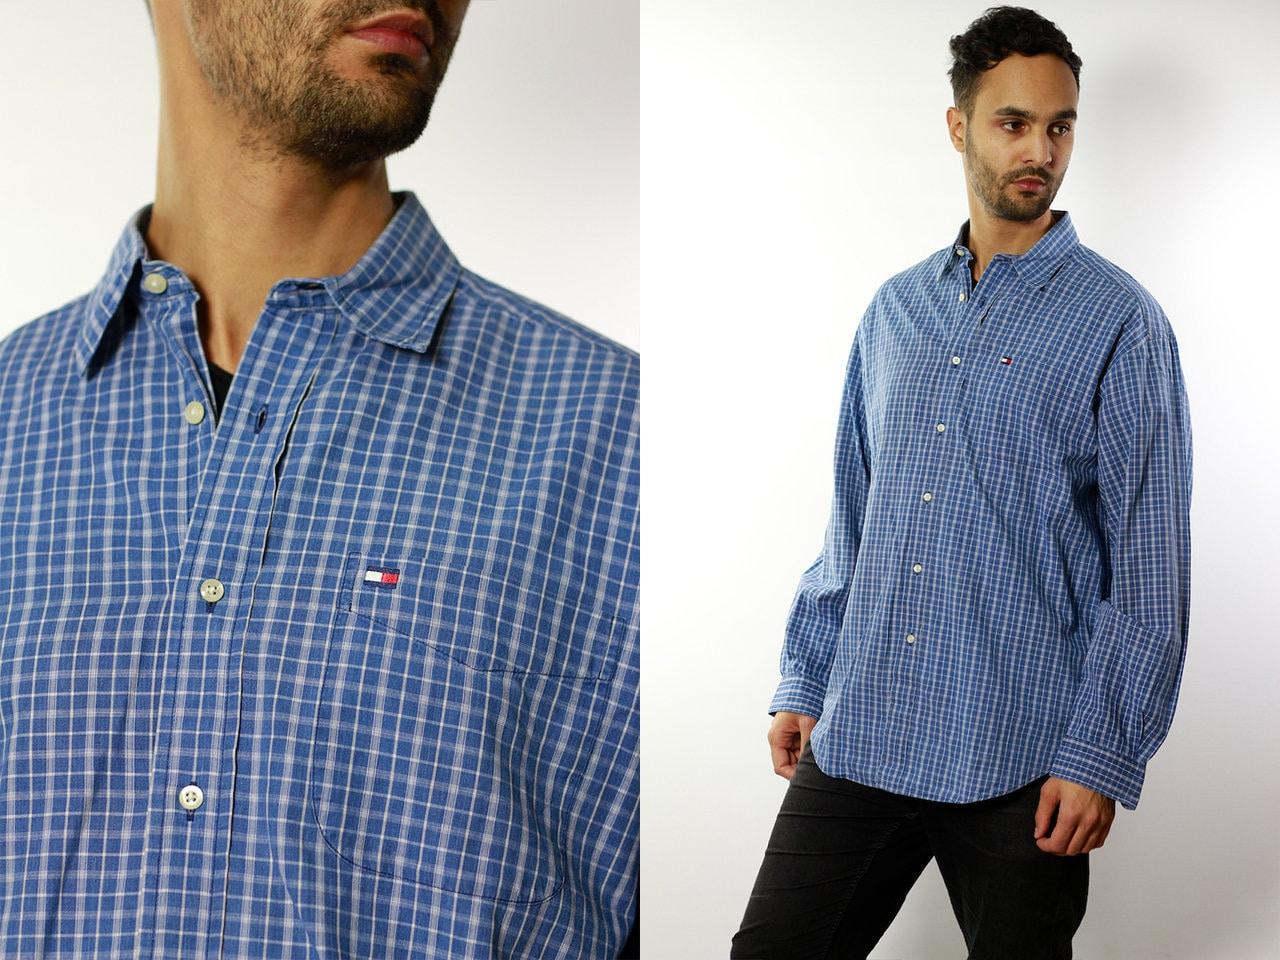 7d3bd693cc922 Tommy Hilfiger Shirt Tommy Hilfiger Button Up Blue Shirt Mens Shirt ...